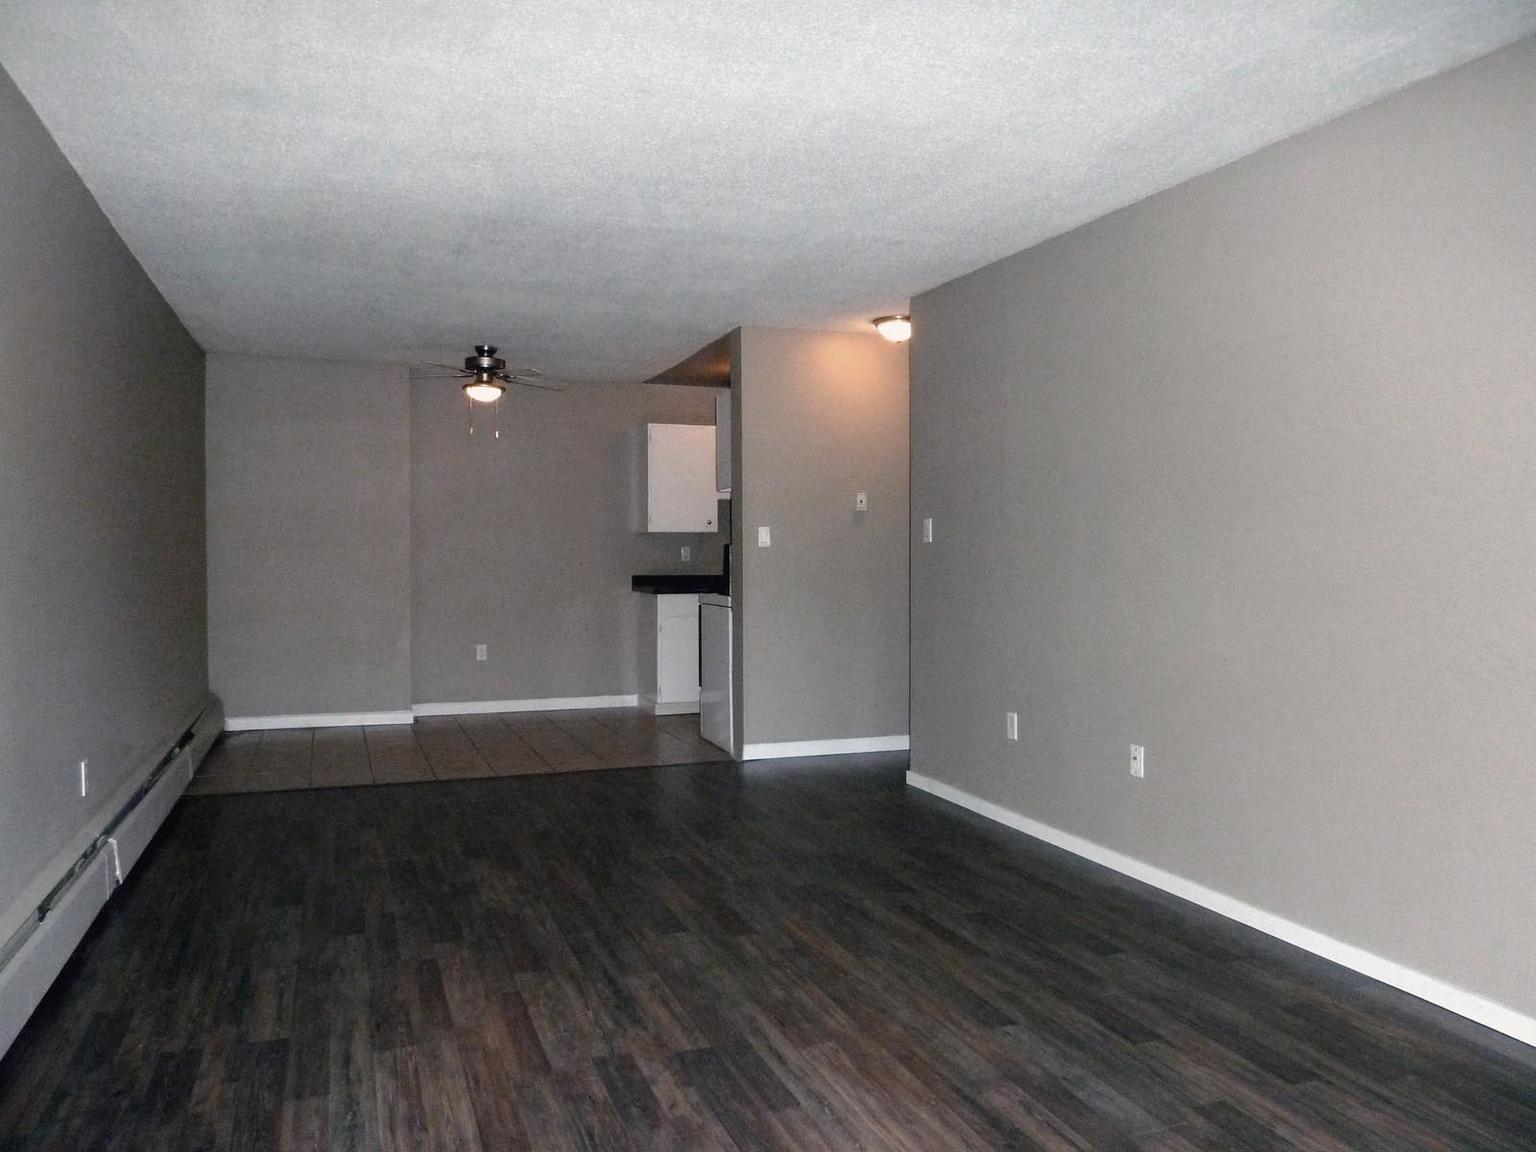 9450 128 Street, Surrey, BC - $1,500 CAD/ month